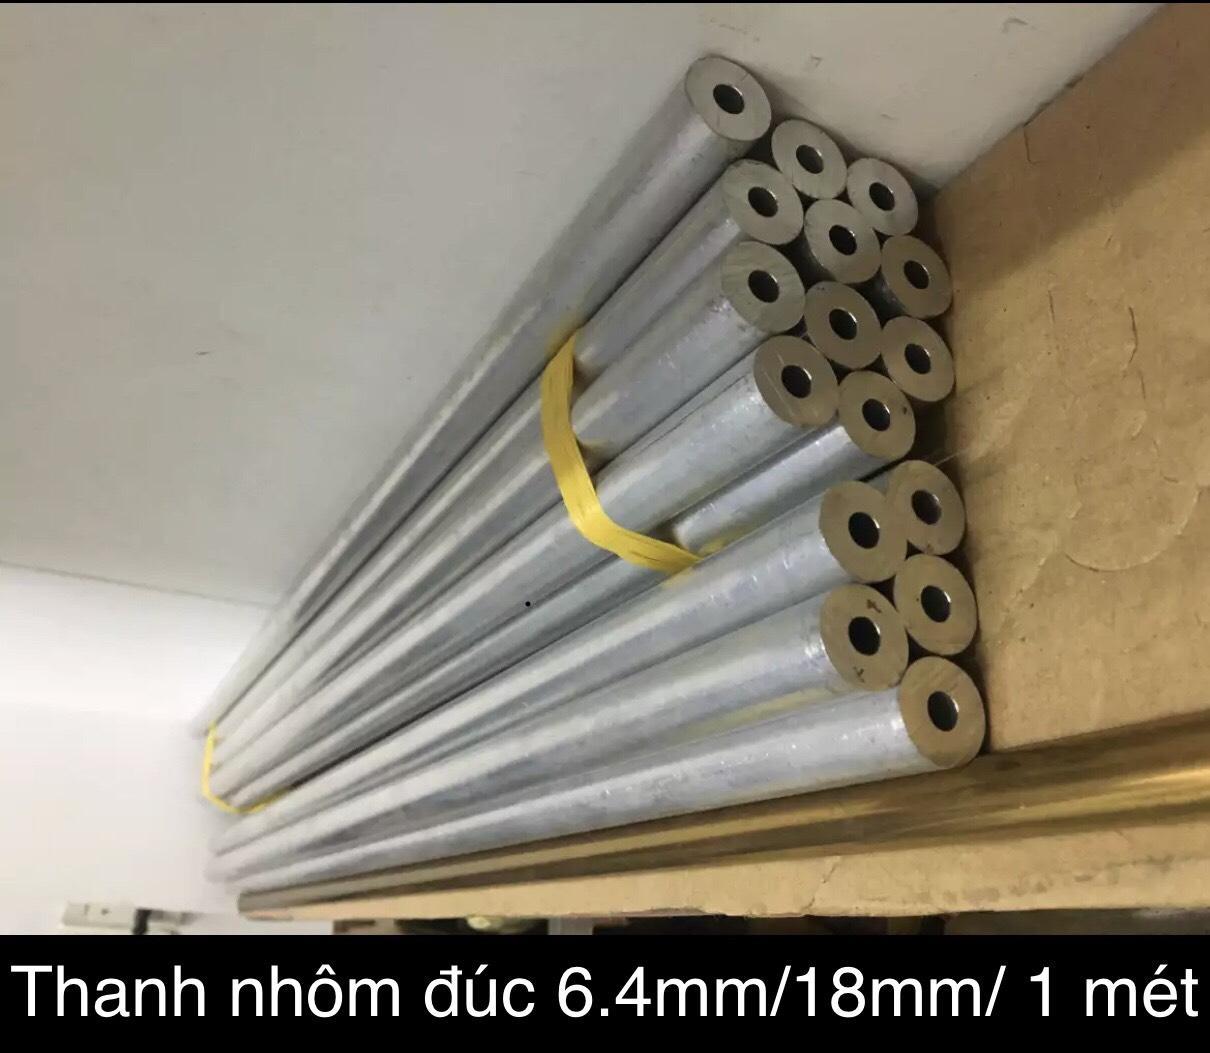 Thanh nhôm đúc 6.4mm phi ngoài 18mm dài 1 mét